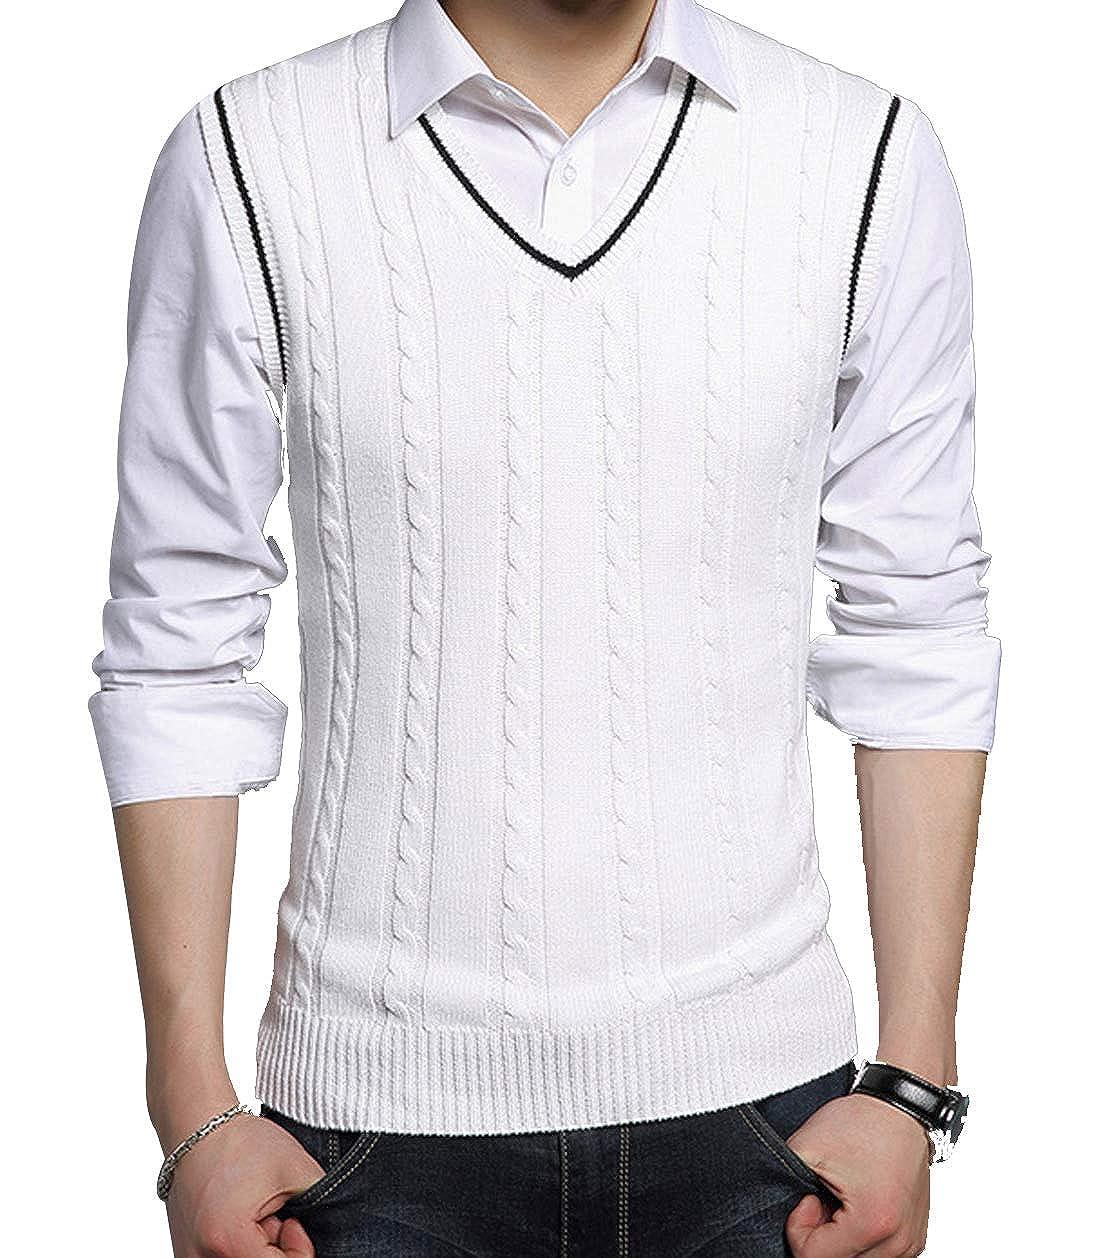 AIEOE Men Cable-Knit Sweater Vest Warm Cotton Winter V-Neck Waistcoat